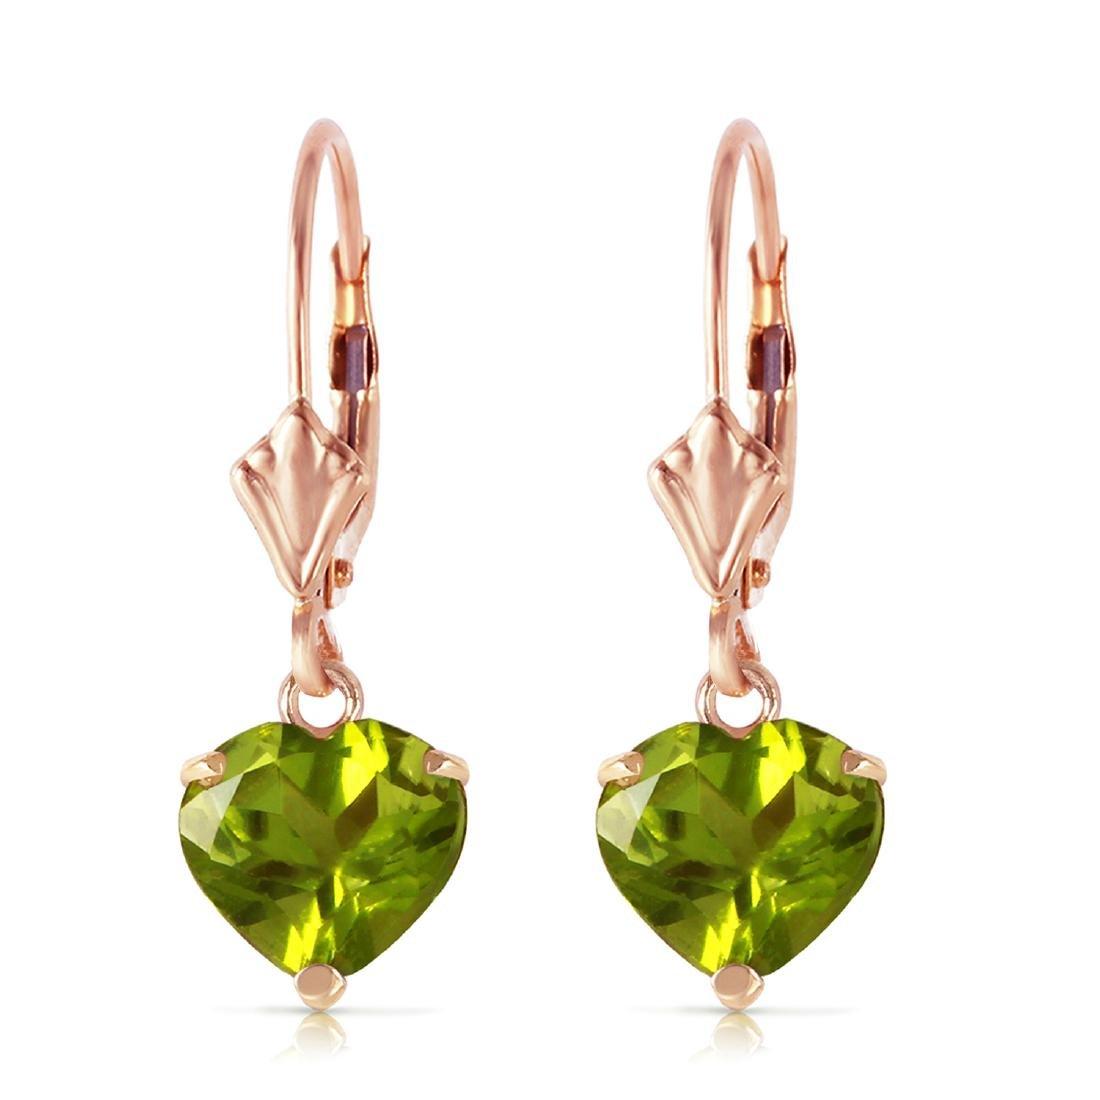 Genuine 3.25 ctw Peridot Earrings Jewelry 14KT Rose